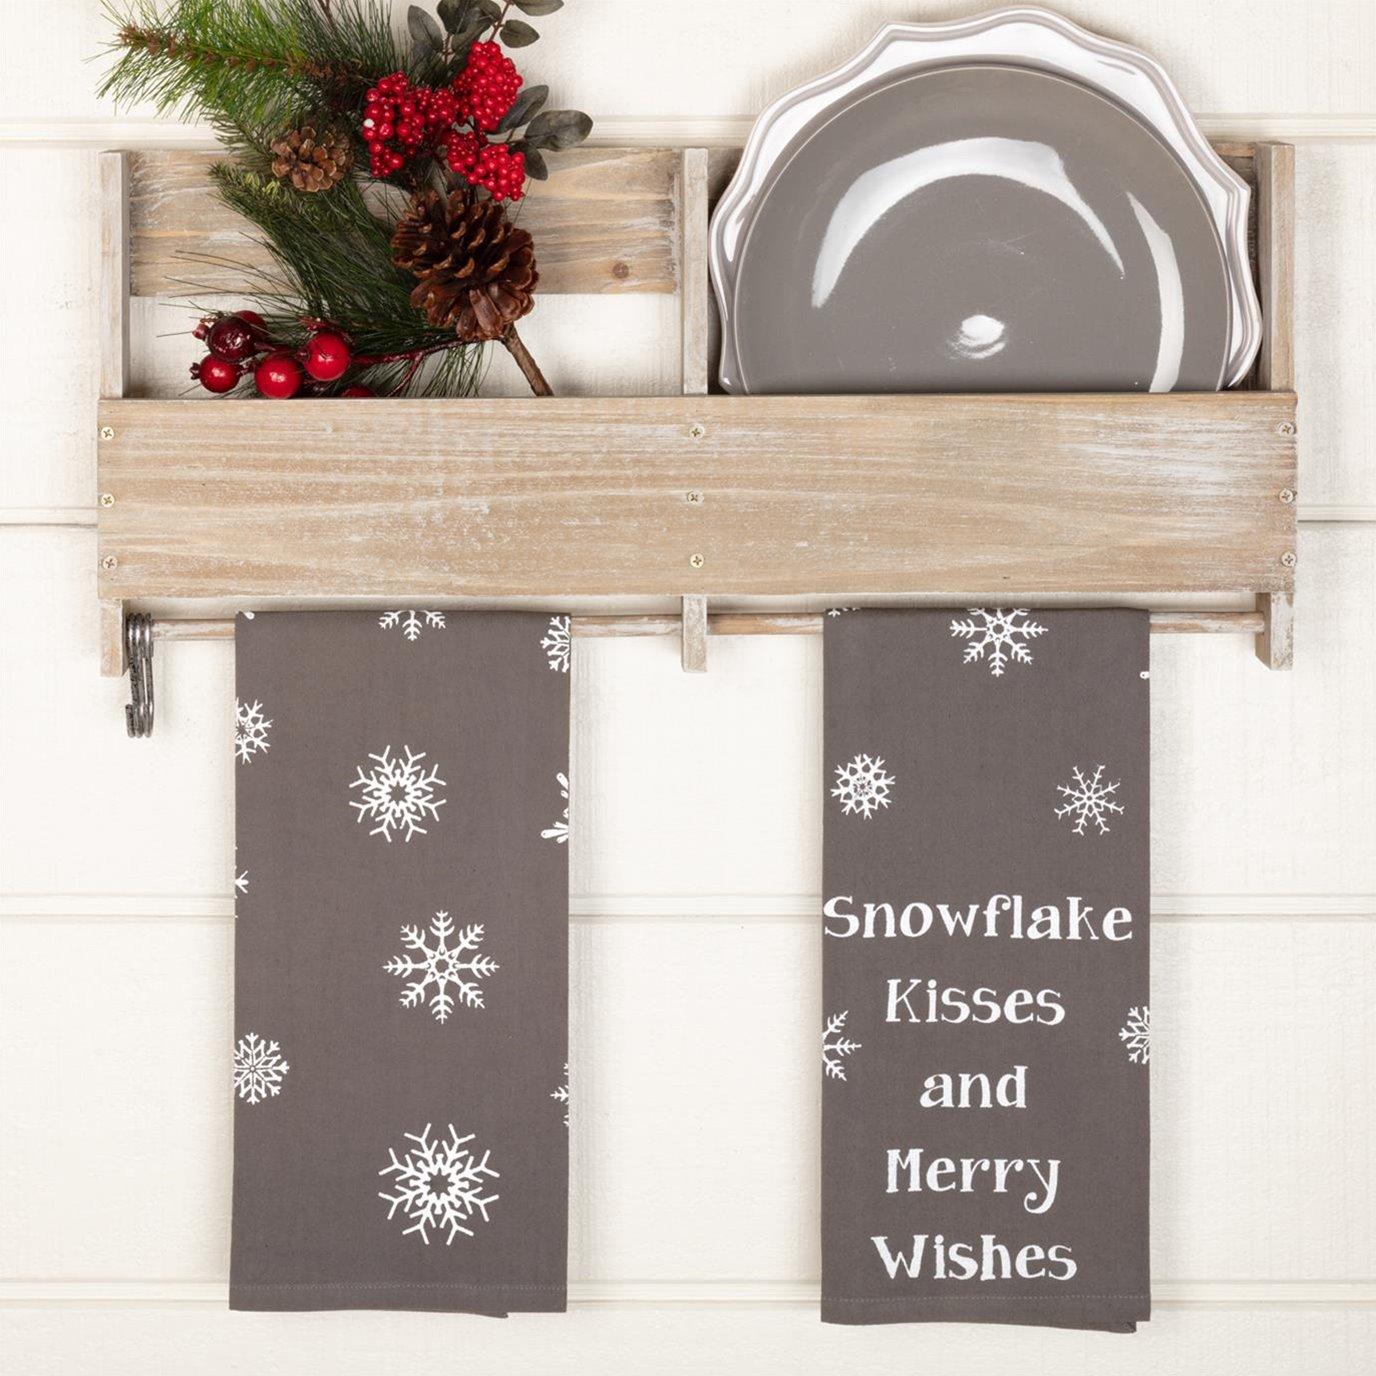 Snowflake Burlap Grey Snowflake Kisses Tea Towel Set of 2 19x28